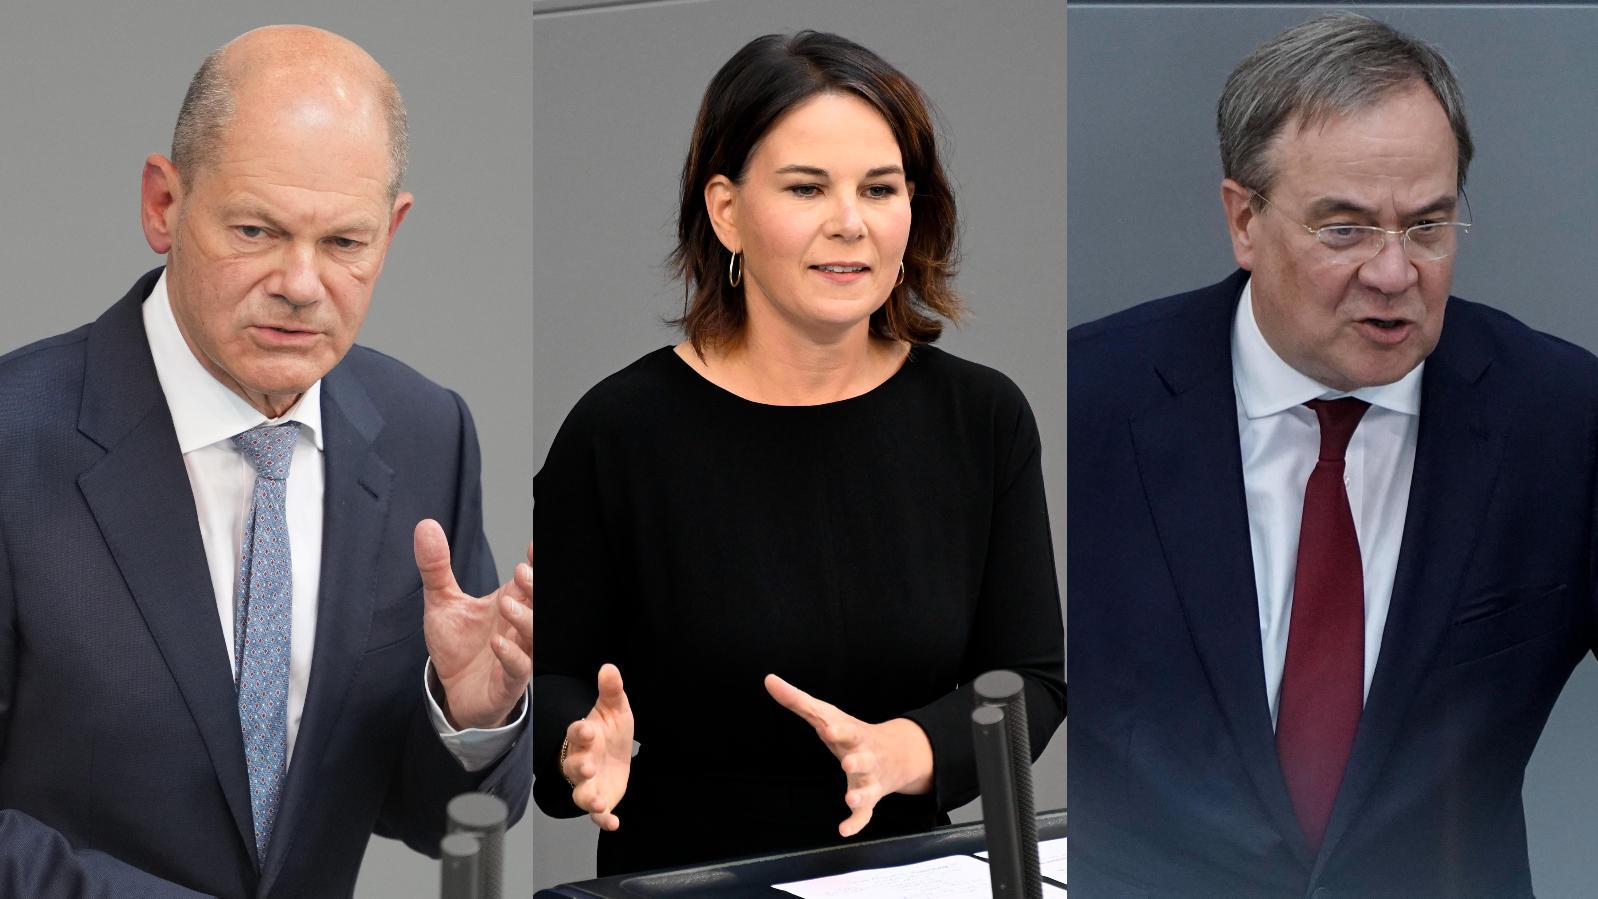 overhangmandaten-en-andere-eigenaardigheden:-hoe-de-russische-televisie-de-duitse-verkiezingsdag-verklaart